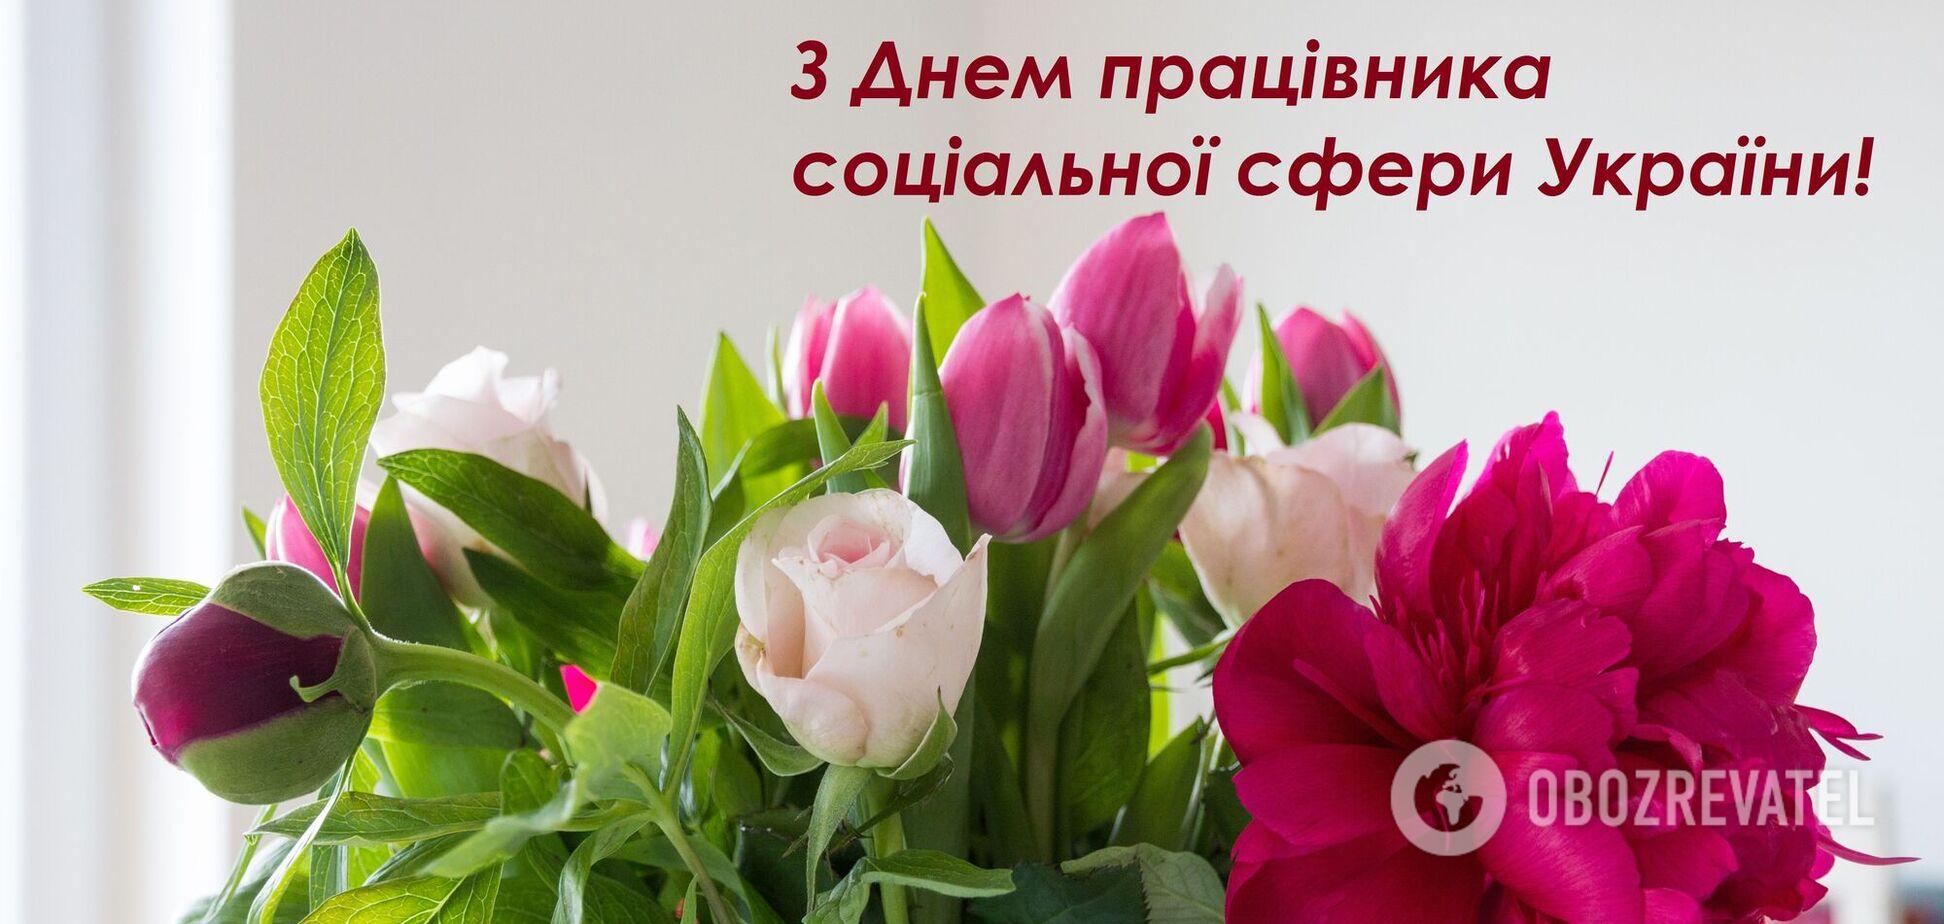 2020 року День працівника соцсфери України відзначається 1 листопада